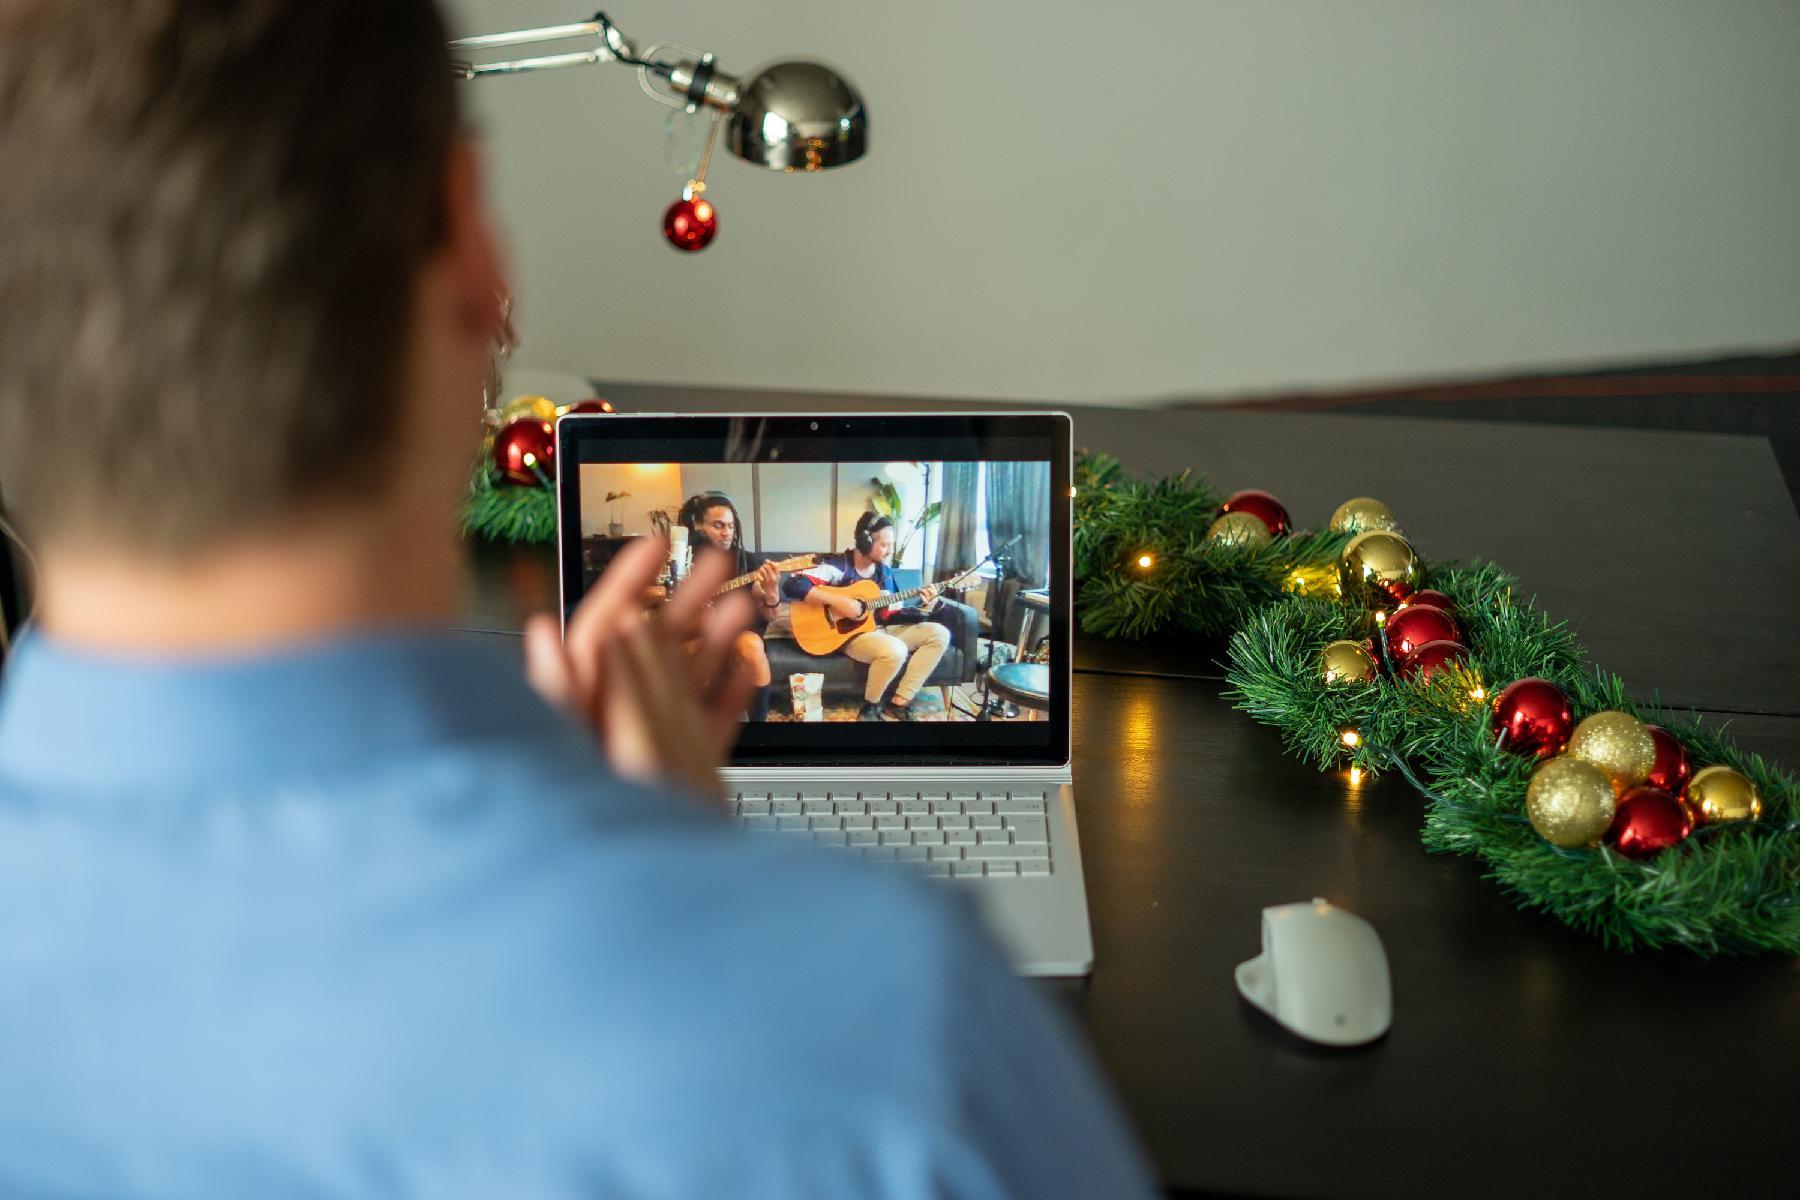 Mitarbeiter sieht Livestream Konzert auf virtueller Weihnachtsfeier